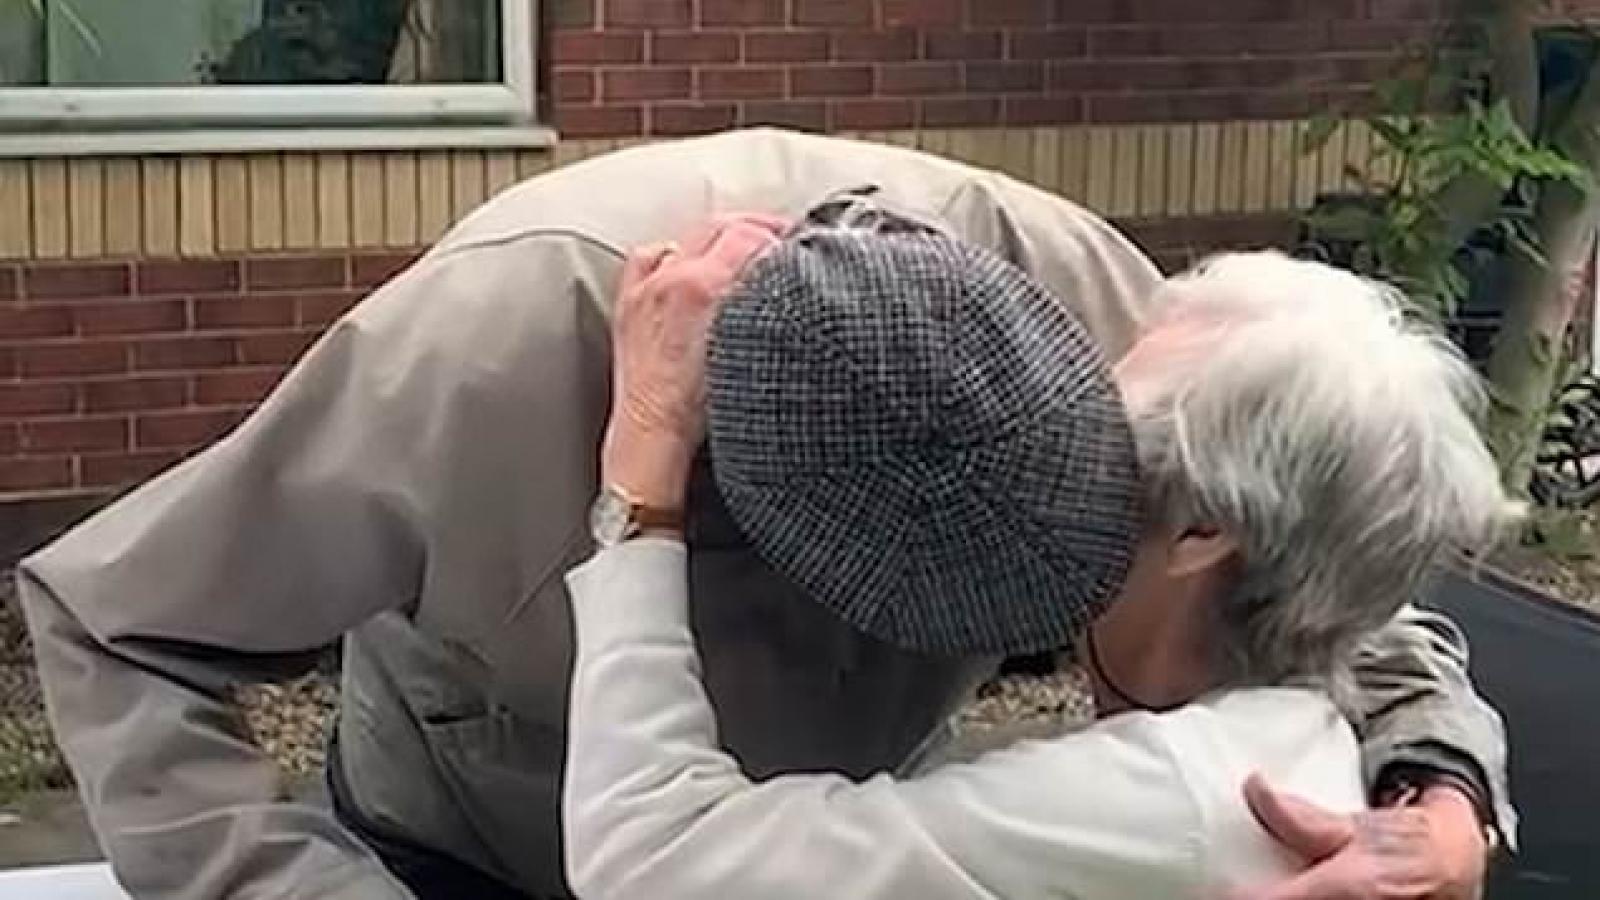 Xúc động cảnh cặp song sinh 94 tuổi ôm chầm lấy nhau sau 1 năm xa cách do Covid-19